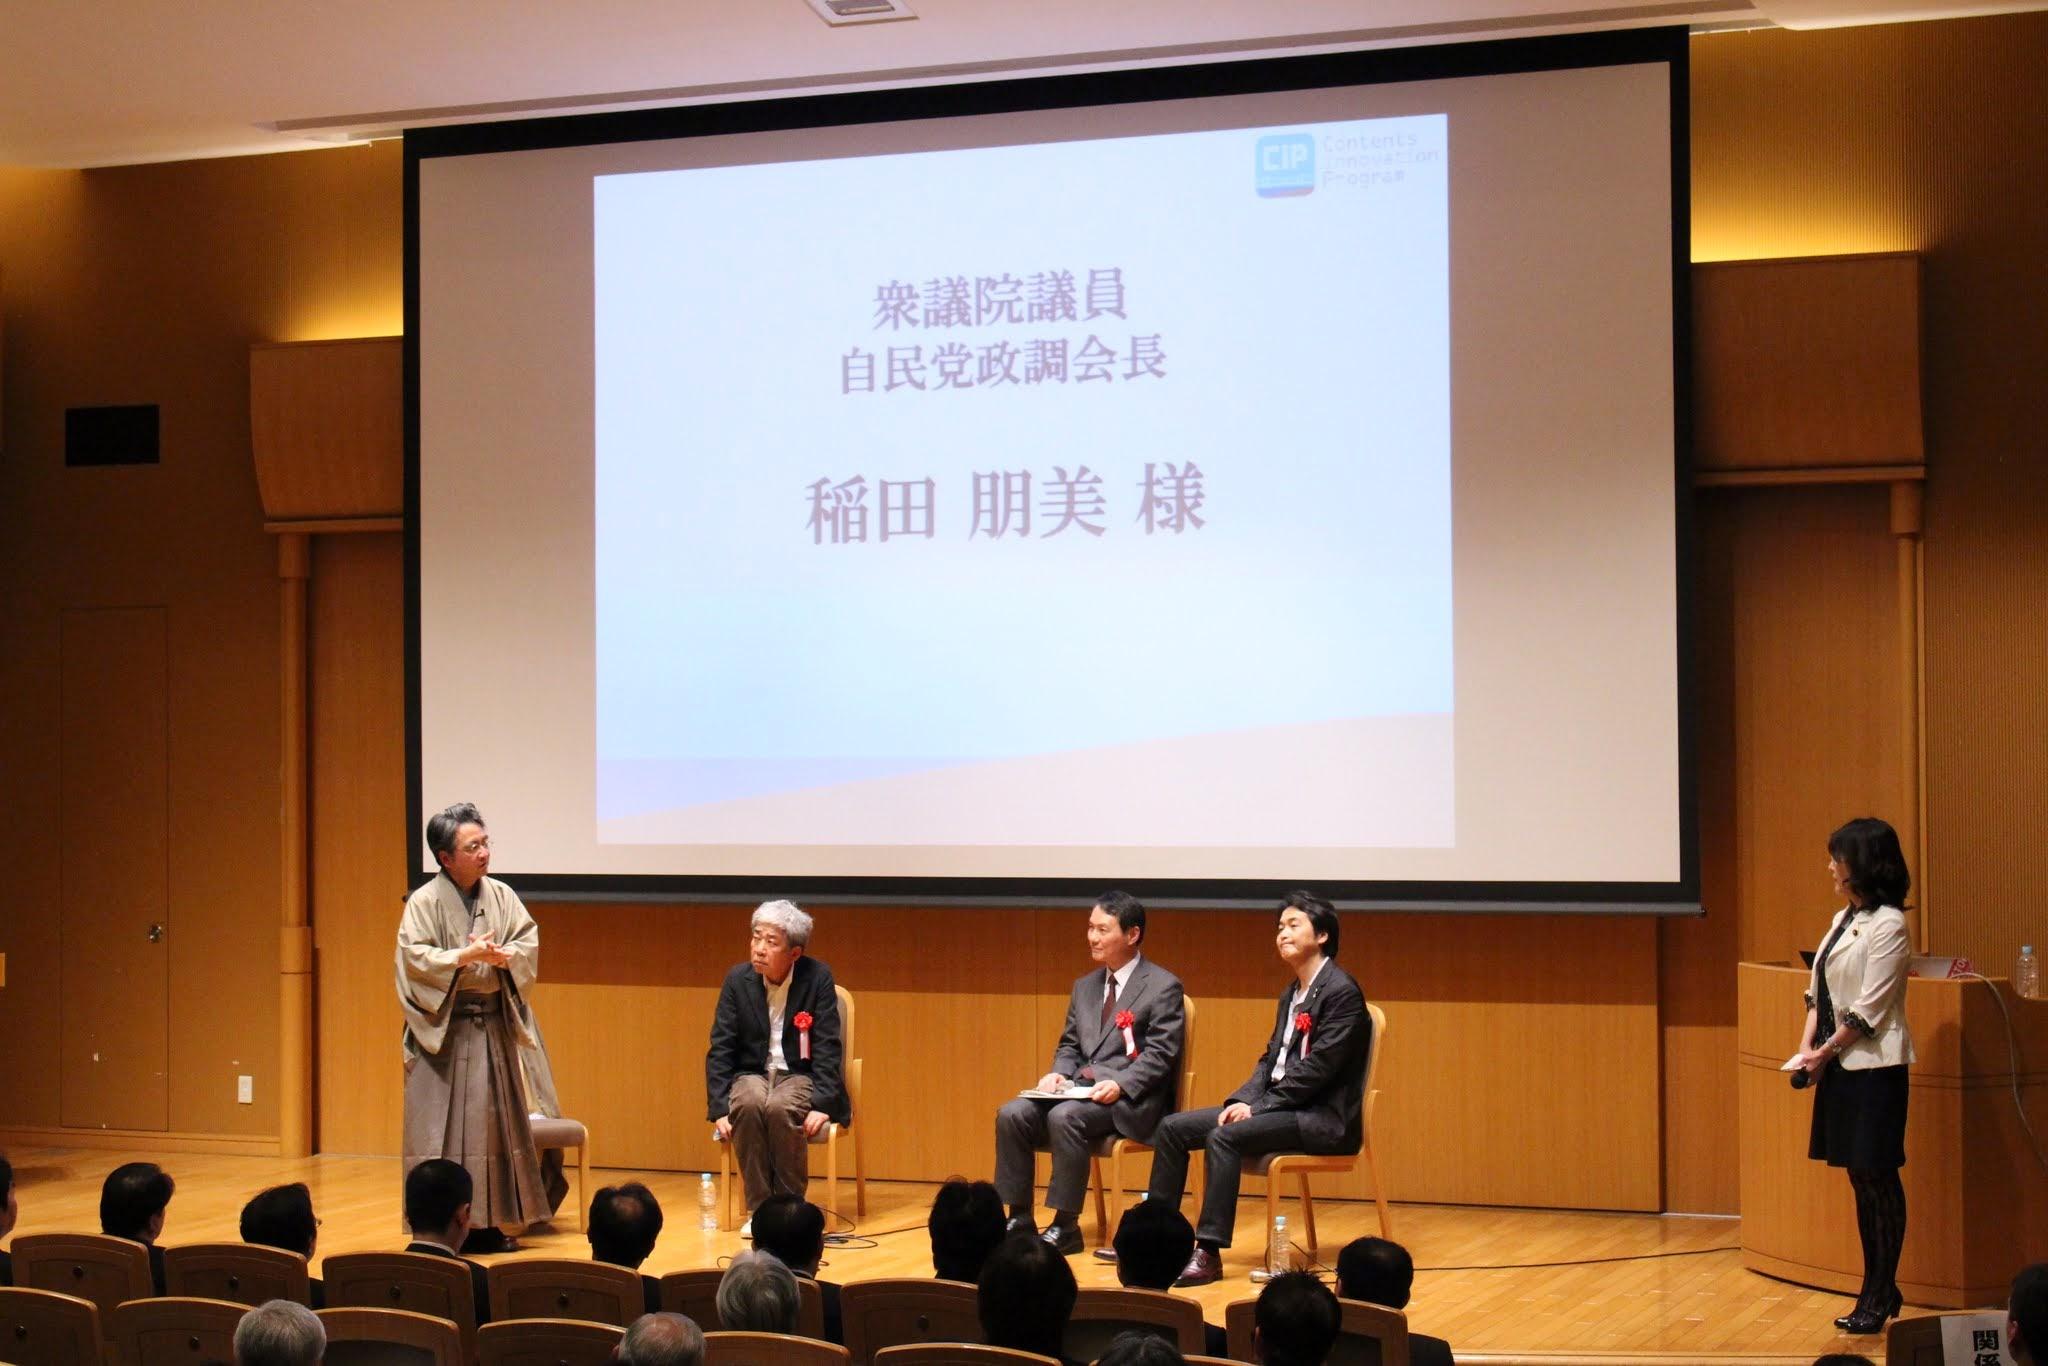 LDP member Tomomi Inada